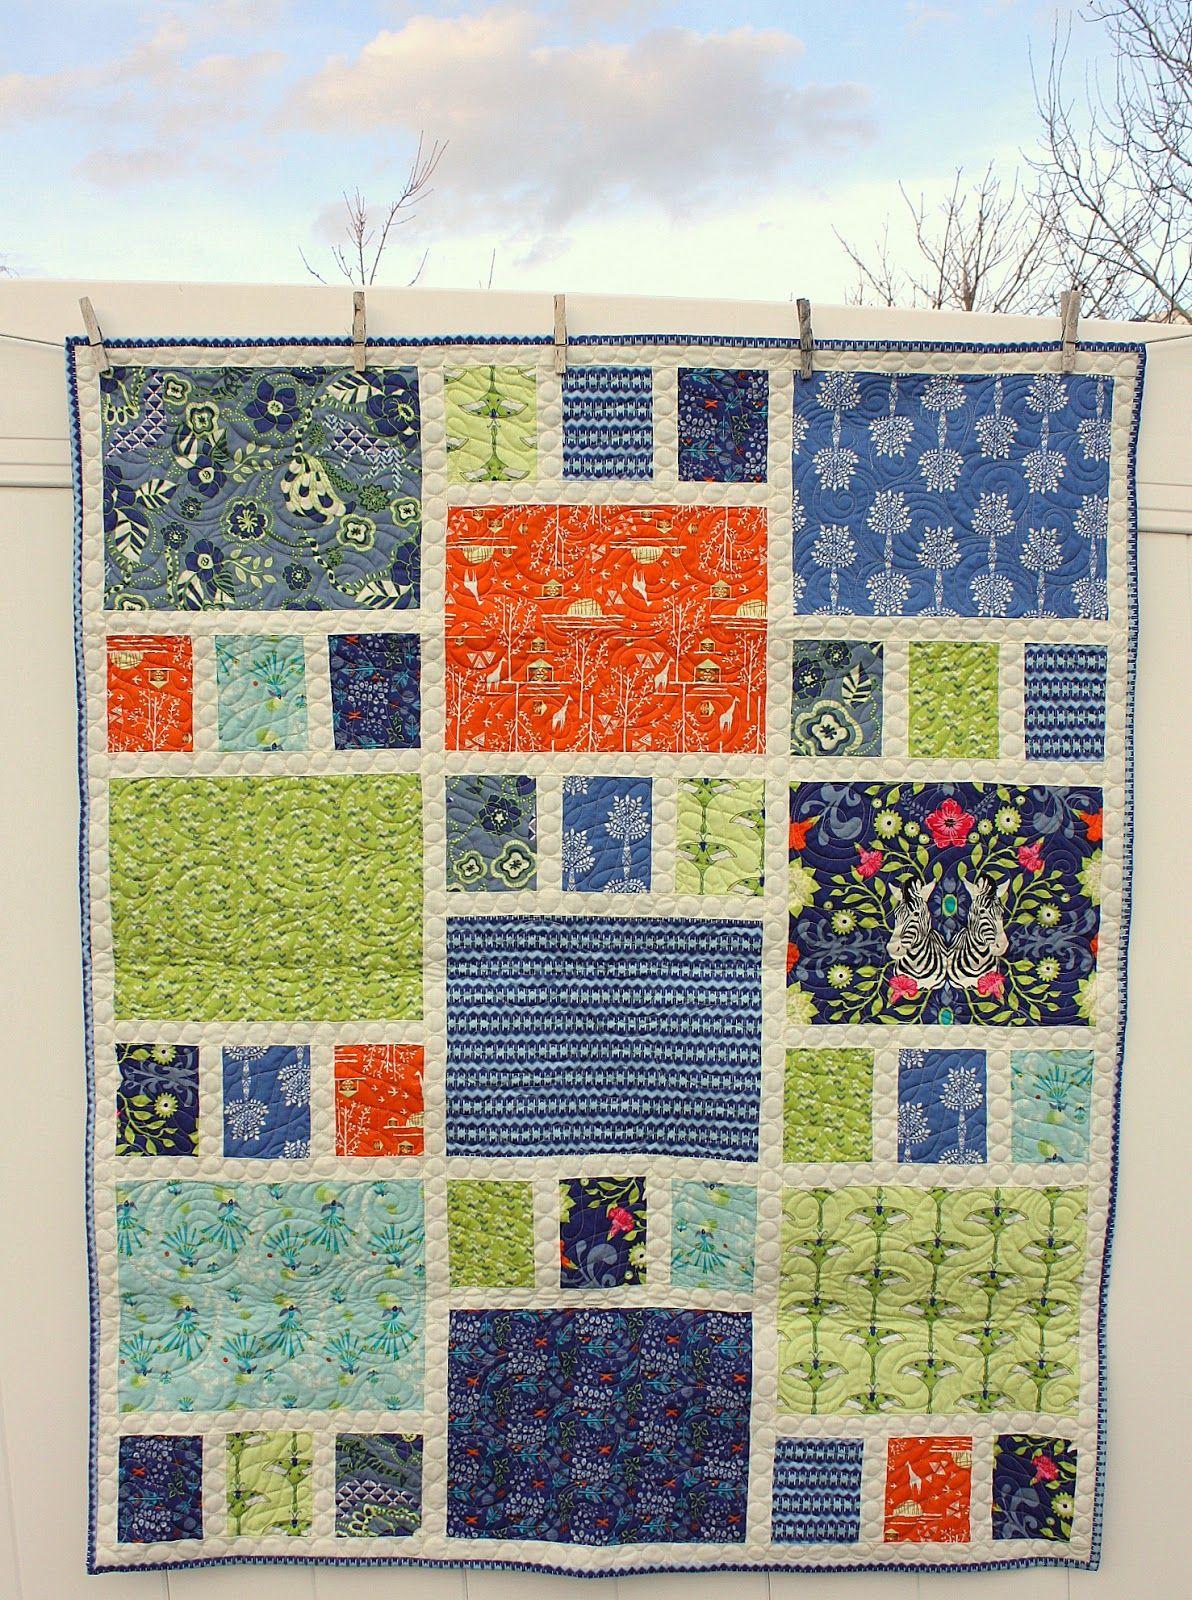 4453362e7a10b5e67e37def7fbc89832 - Better Homes And Gardens Solid Border Quilt